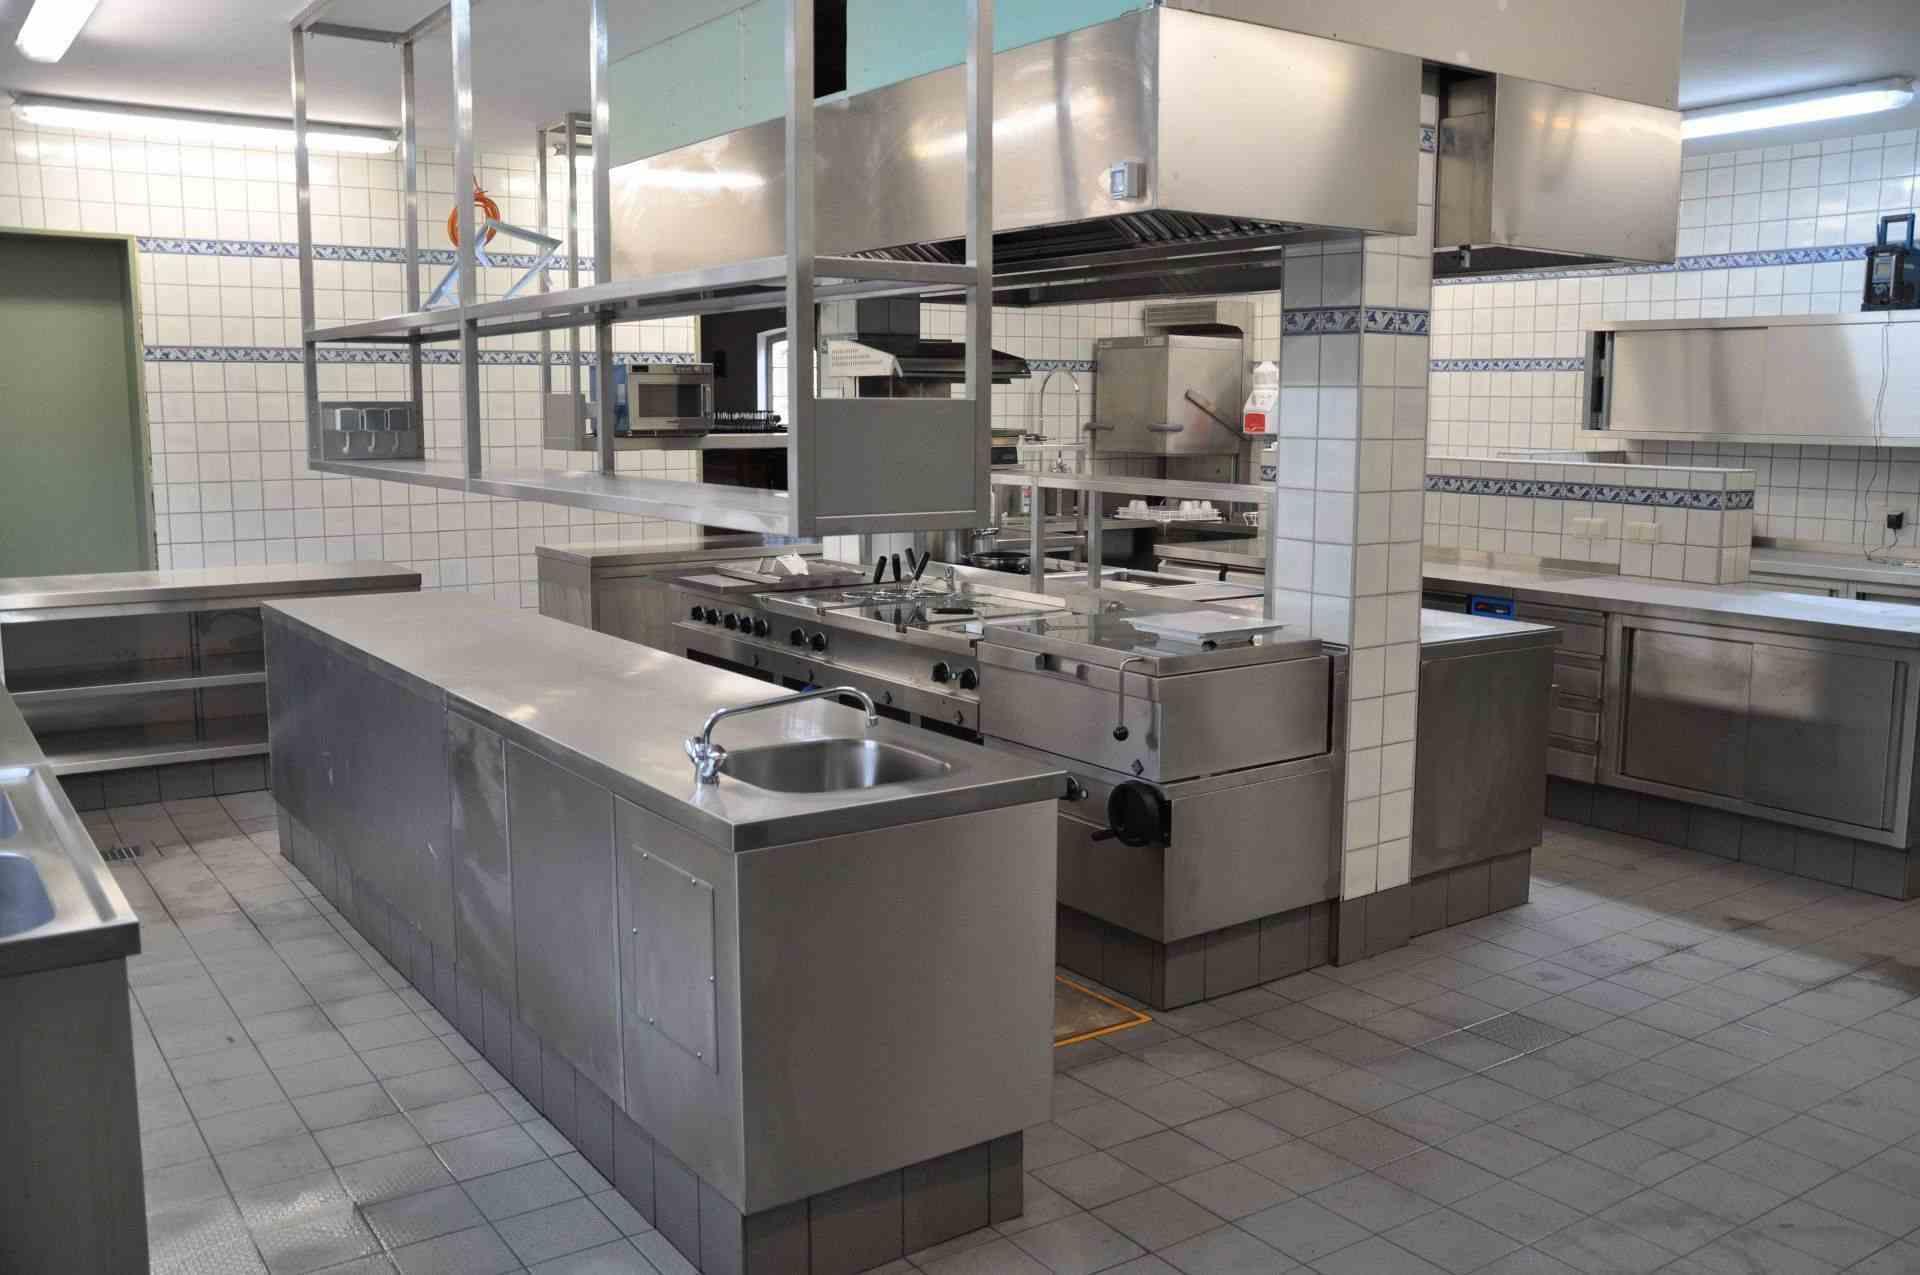 Foto der fertigen Großküche